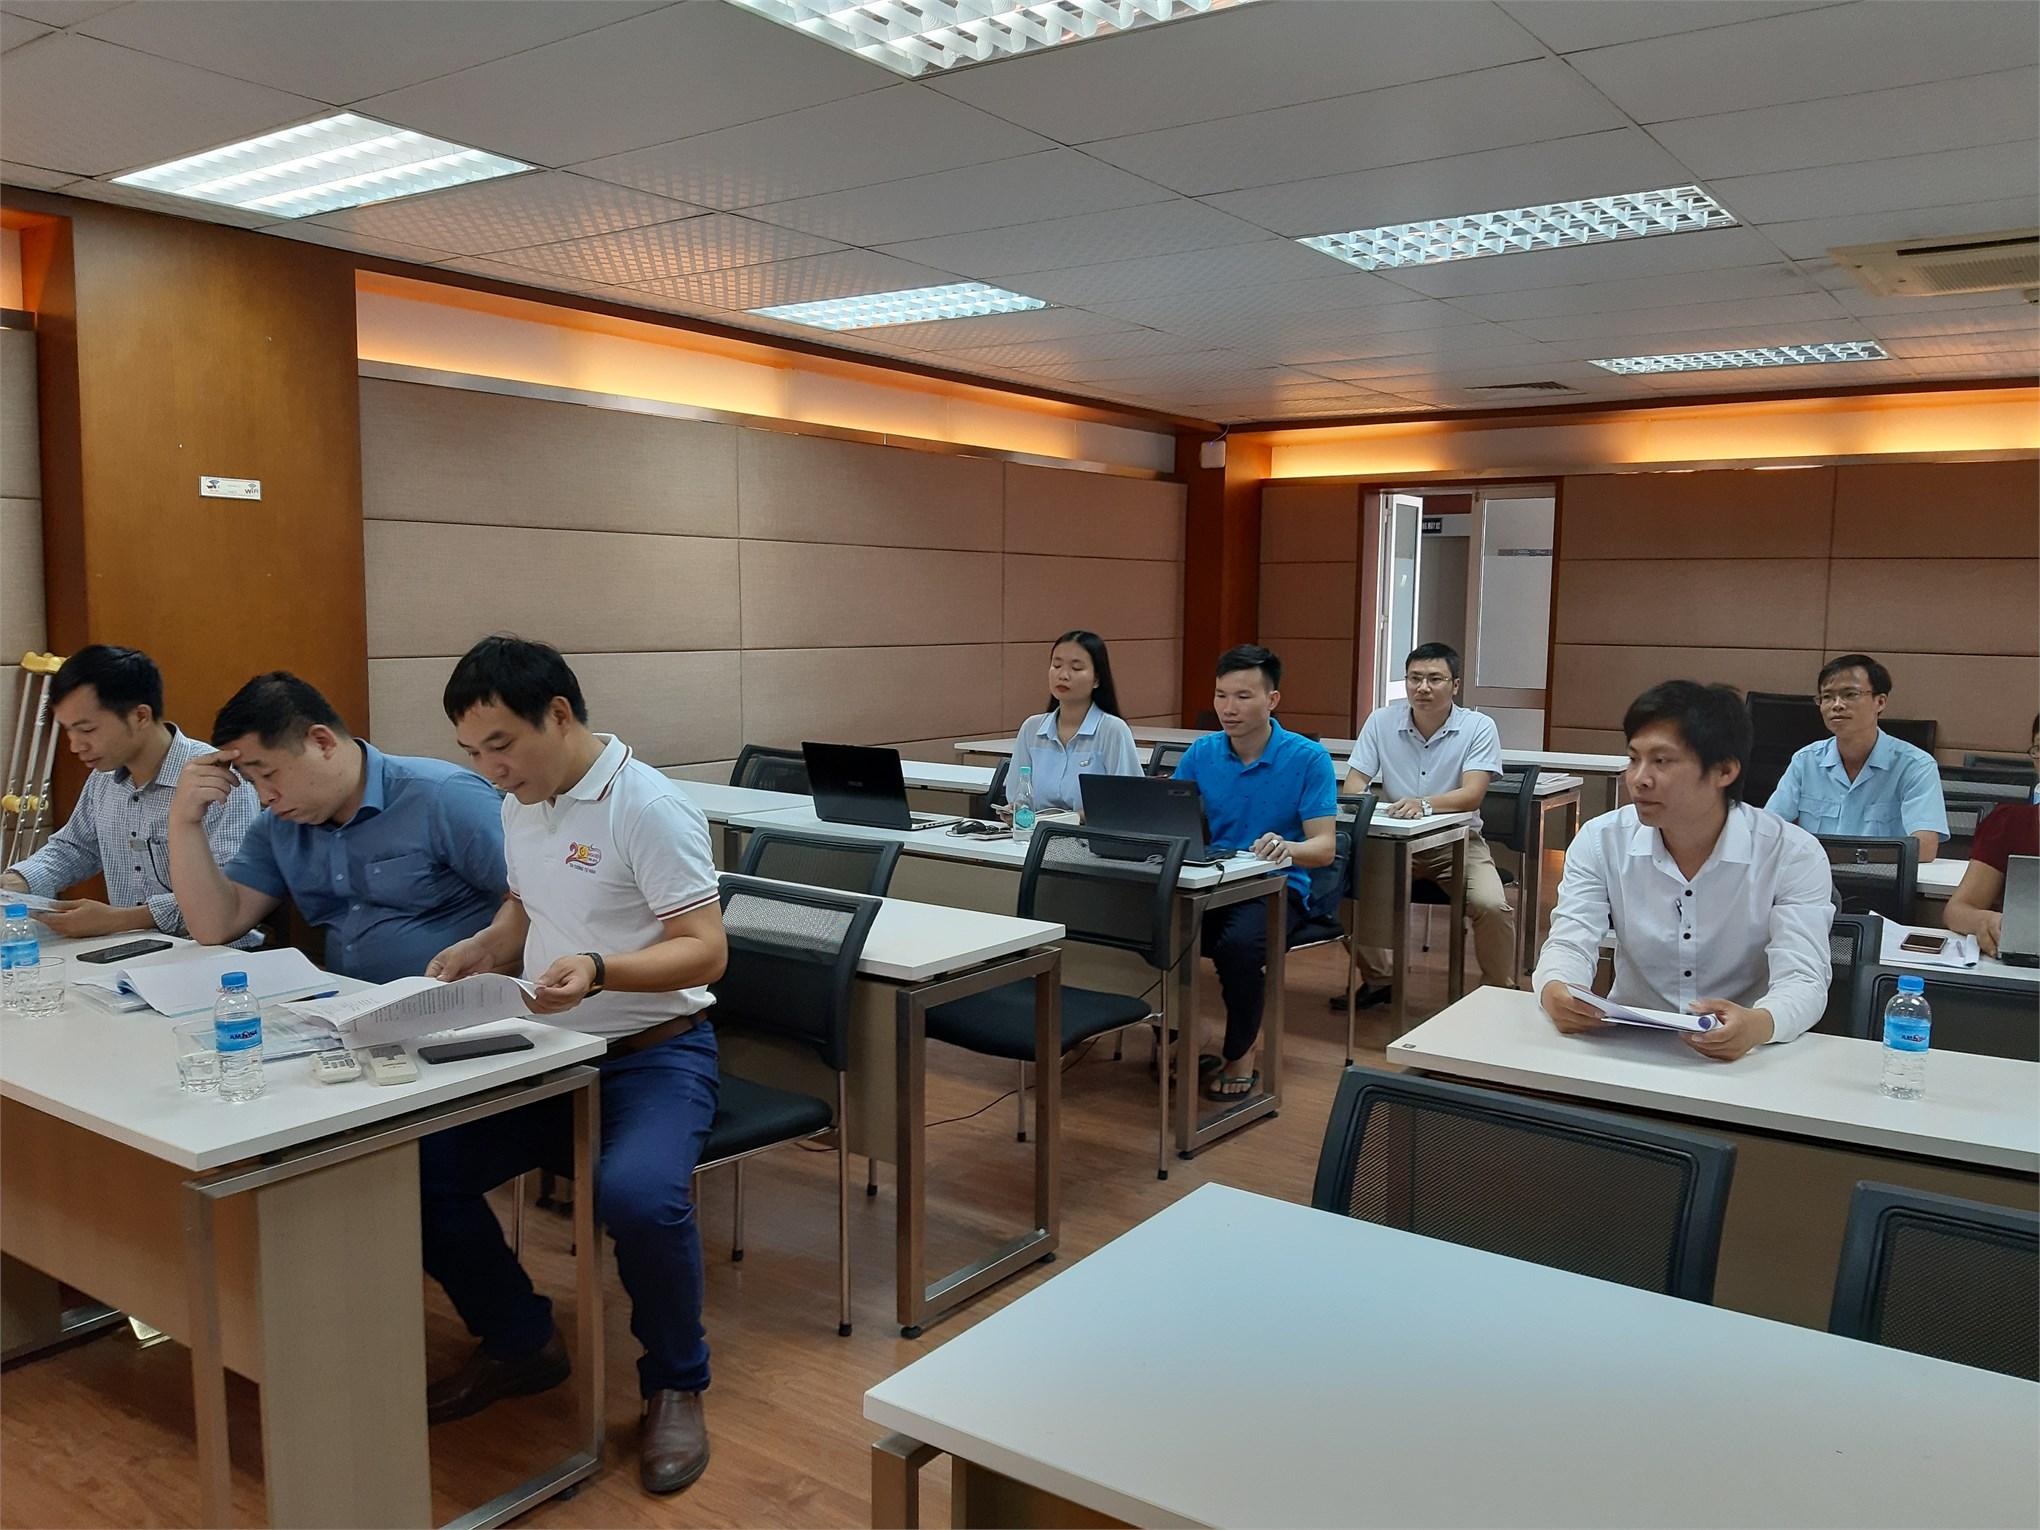 Tổ chức thẩm định đề cương luận văn thạc sĩ, chuyên ngành Kỹ thuật Điện cho các học viên Cao học khóa 8 đợt 1 (2018-2020)